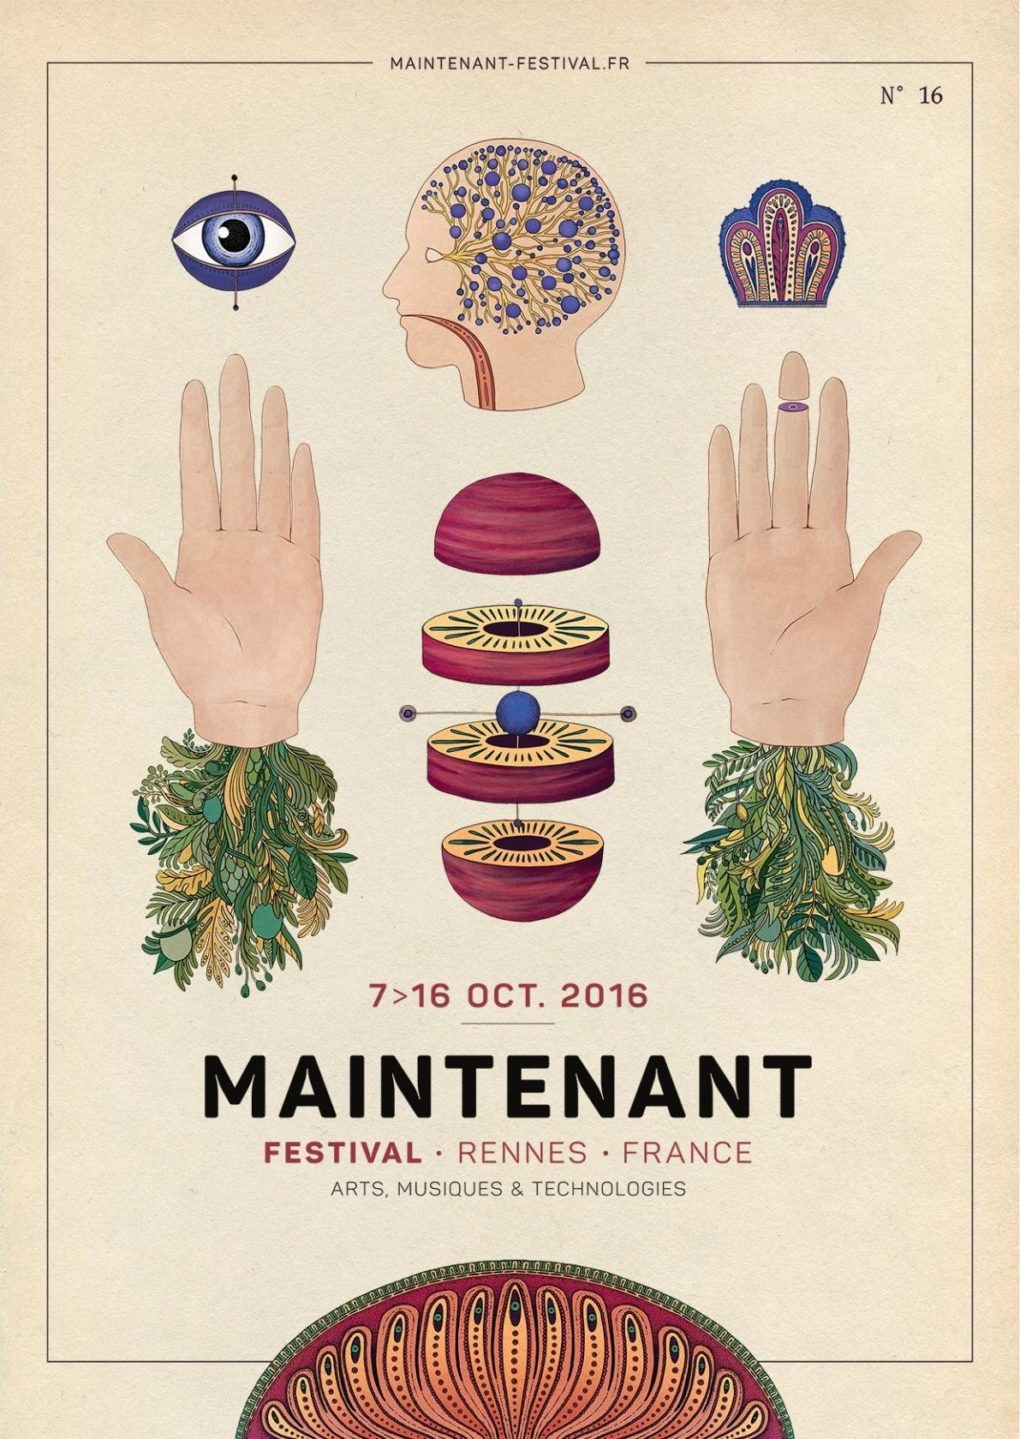 Festival Maintenant arts musiques et technologies Rennes